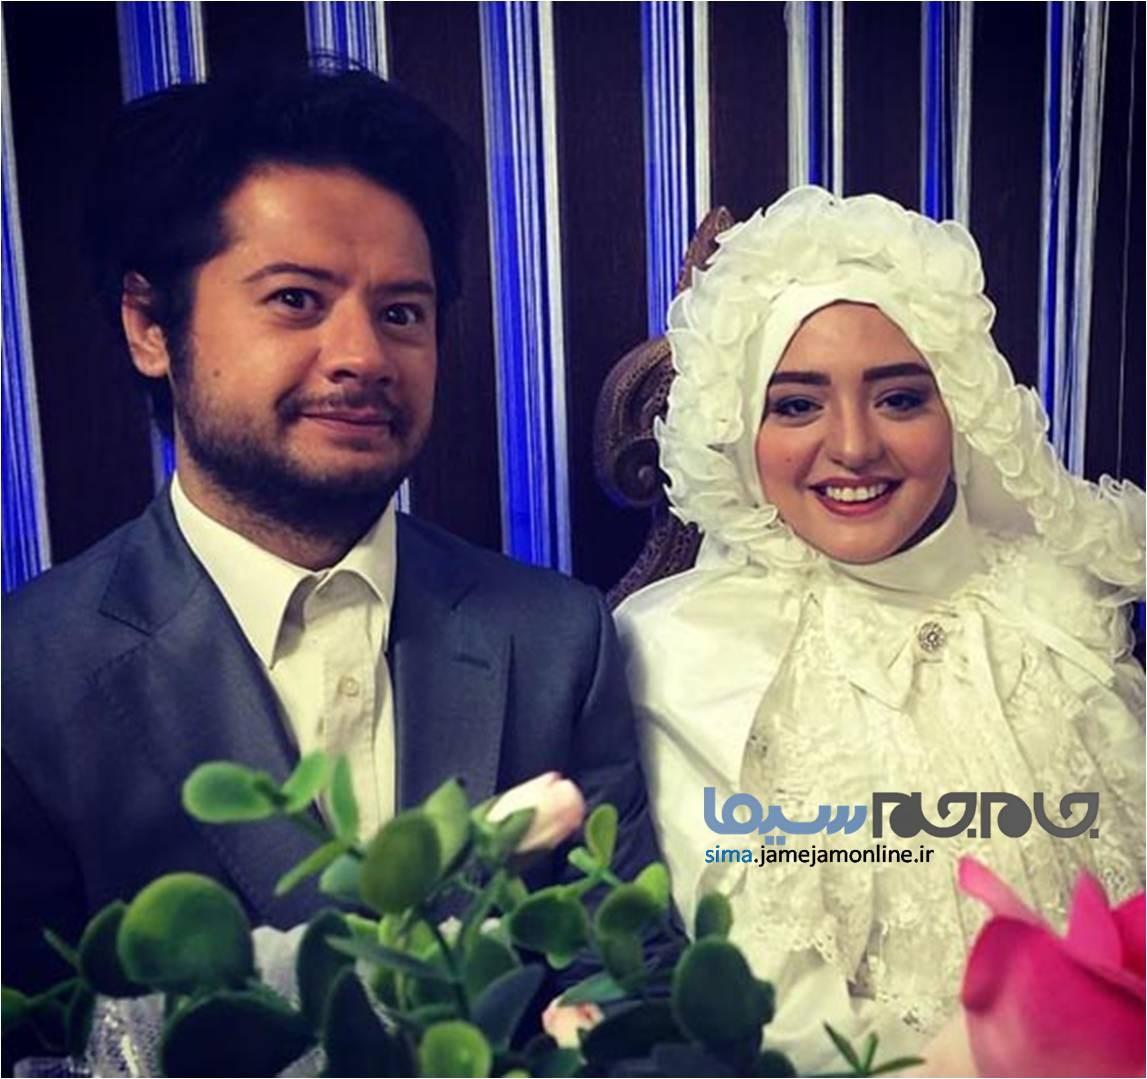 عکسهای+علی+صادقی+و+همسرش